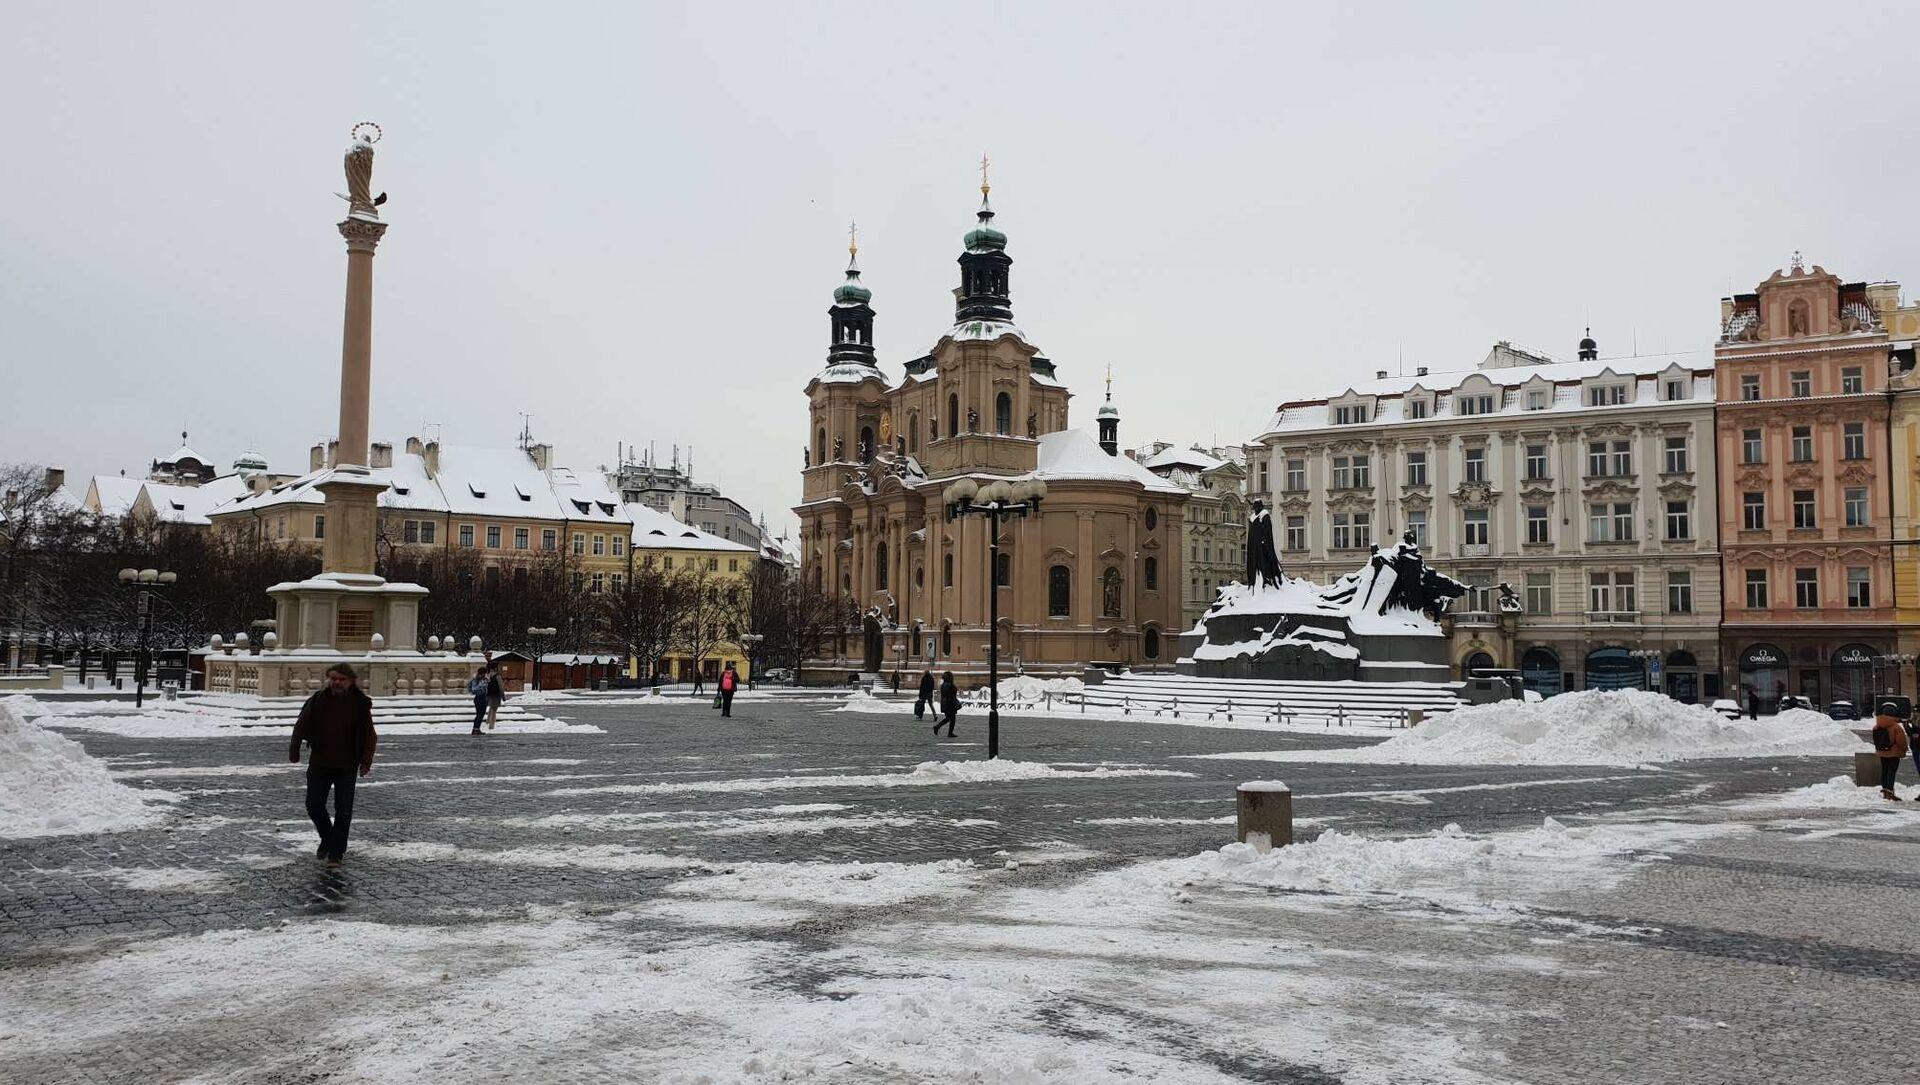 Jinde dnes Praha zela prázdnotou, nezvykle pustě dnes vyhlíželo Staroměstské náměstí... - Sputnik Česká republika, 1920, 09.02.2021